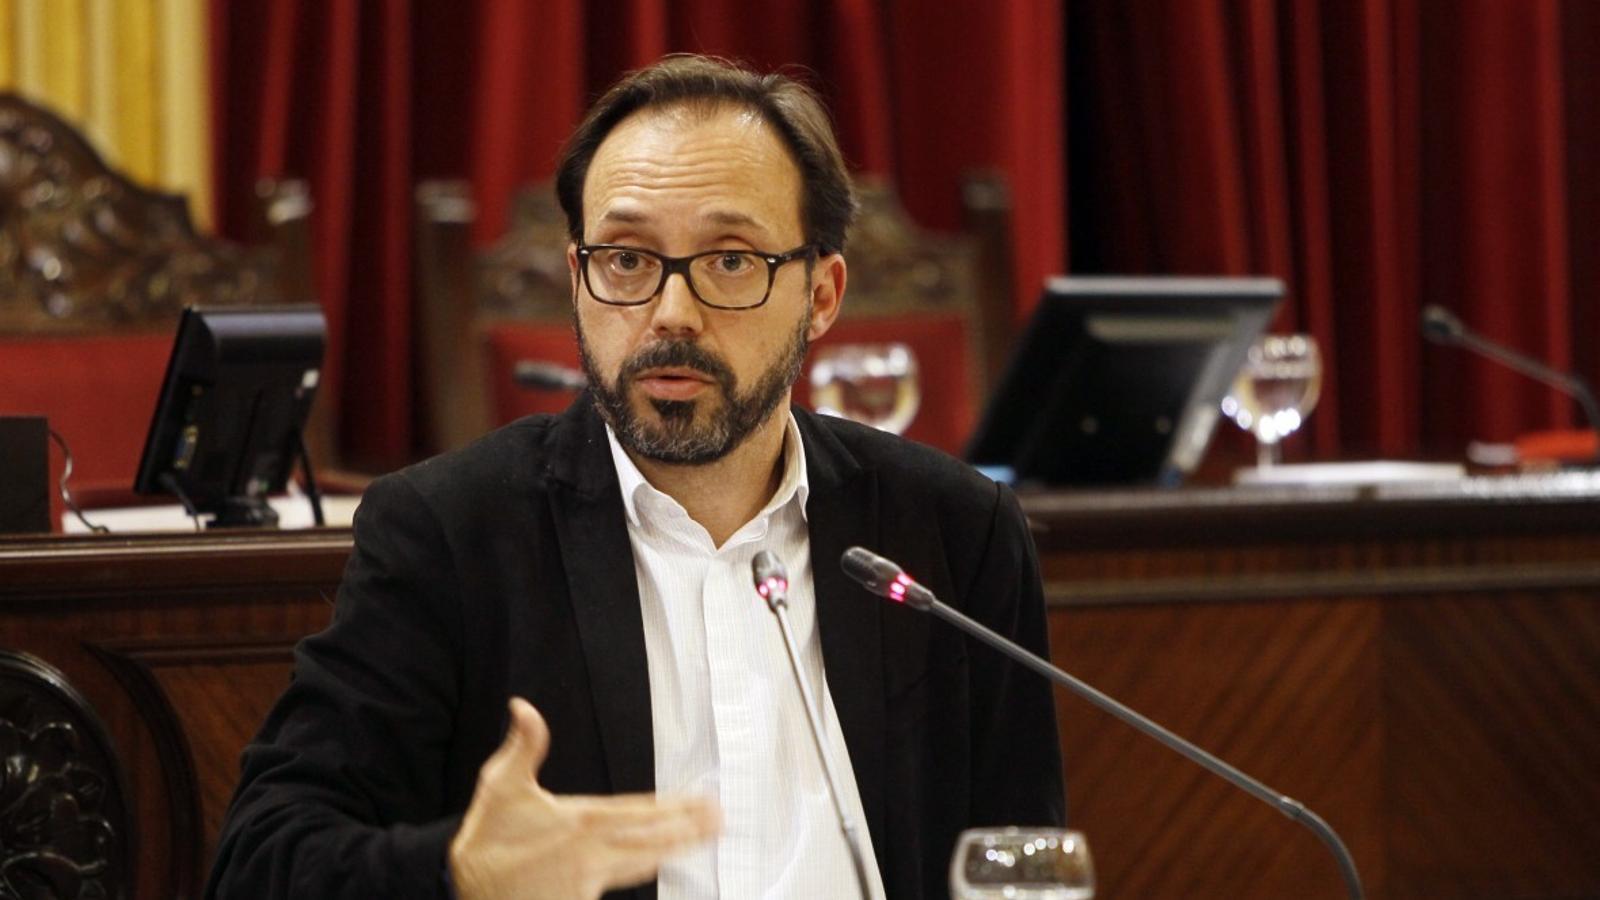 Josep Castells detallarà al Parlament el posicionament de Més per Menorca en referència a la Llei Agrària.